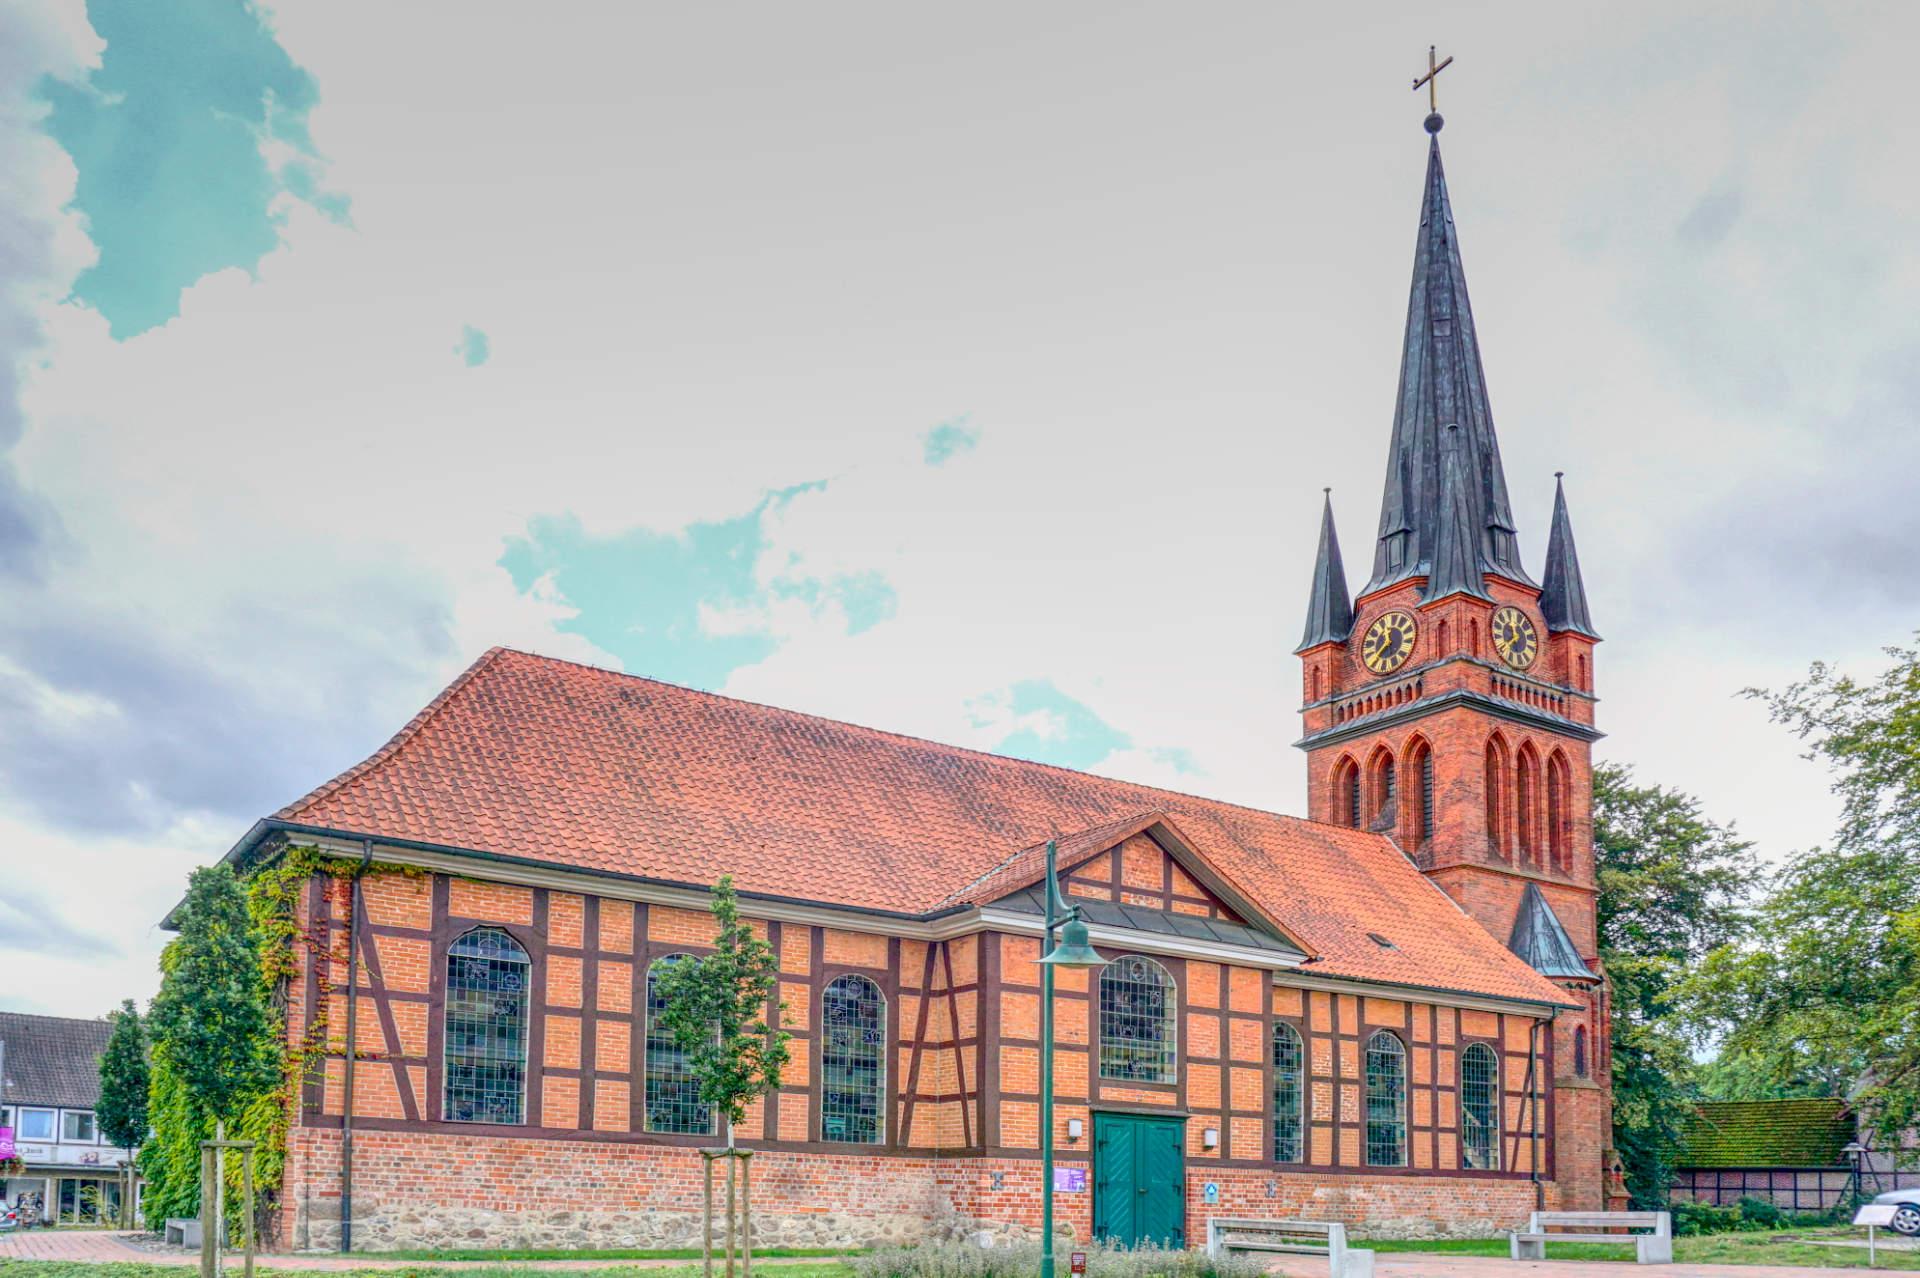 Hippolit Kirche Amelinghausen